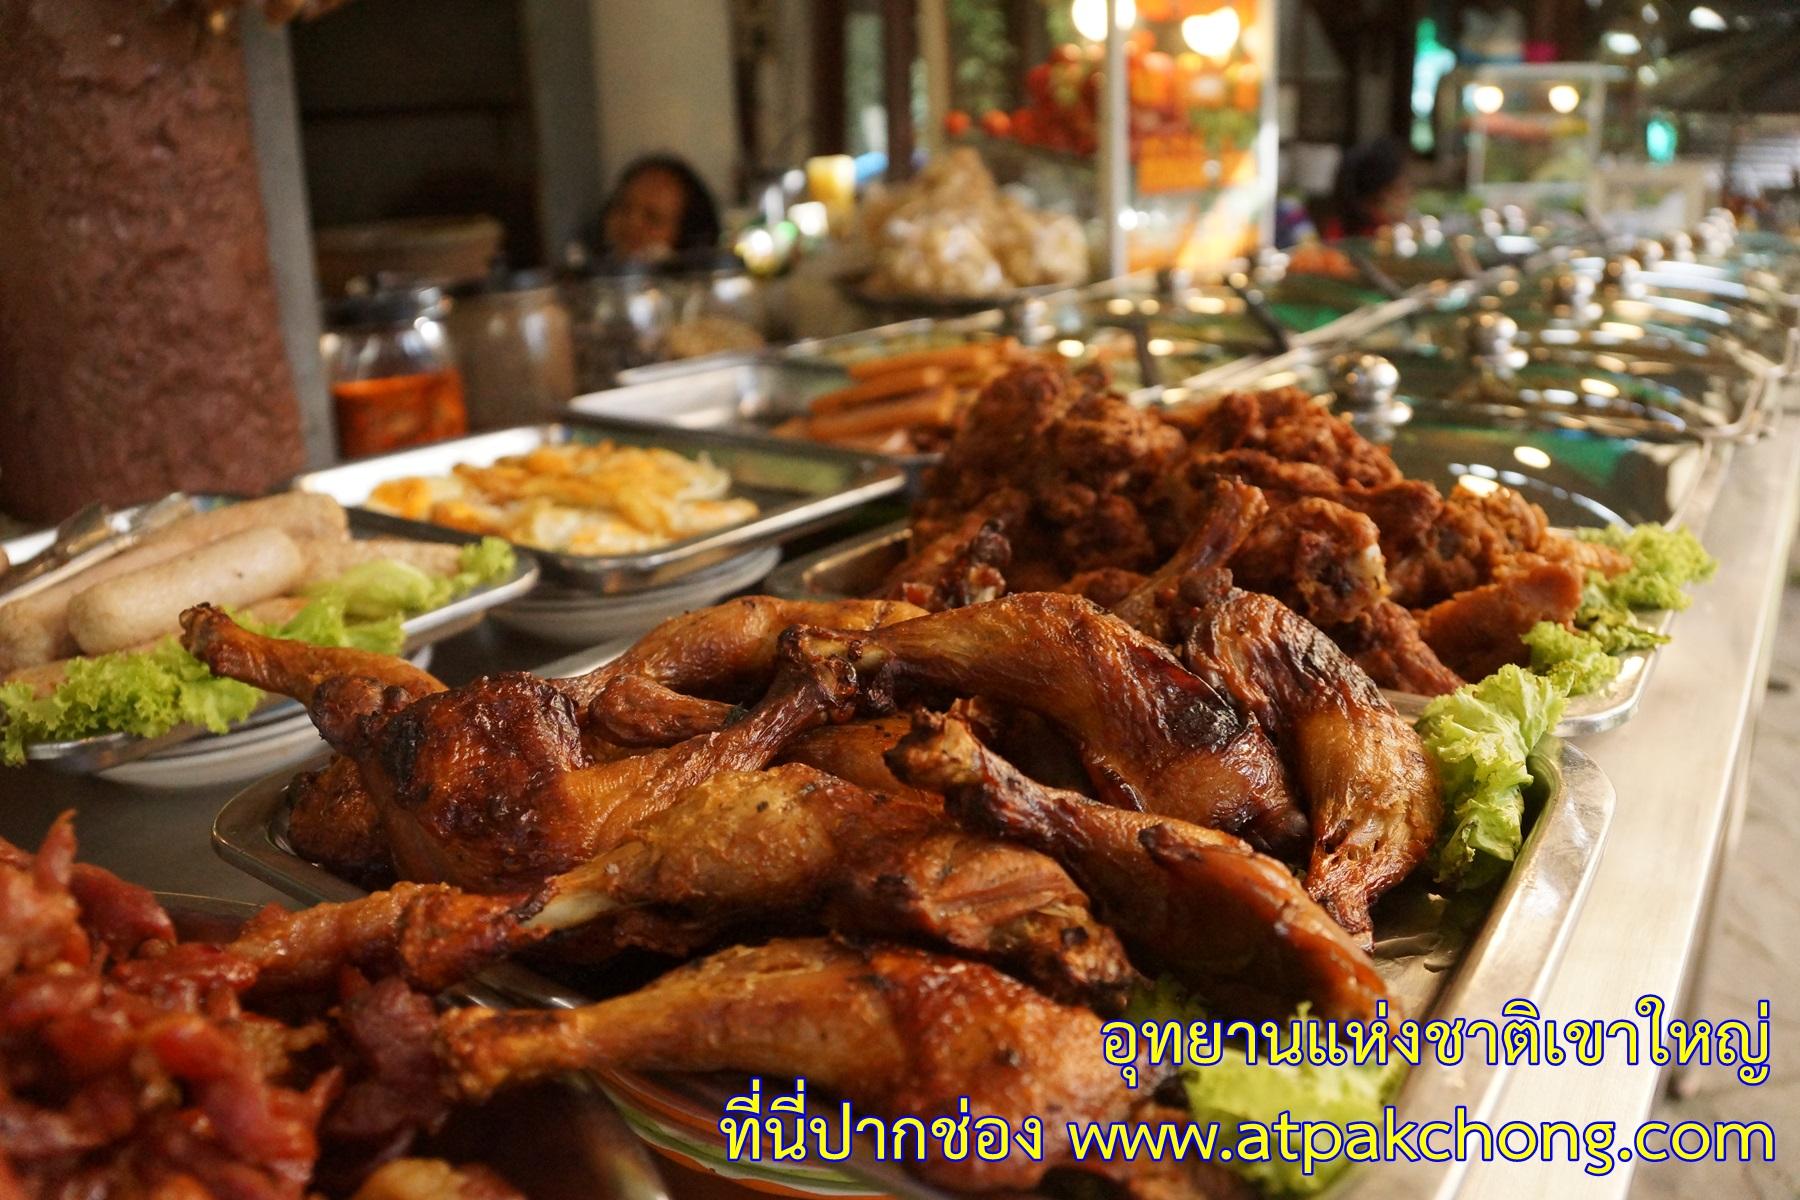 ศูนย์อาหาร สำหรับจำหน่ายให้นักท่องเที่ยว อุทยานแห่งชาติเขาใหญ่